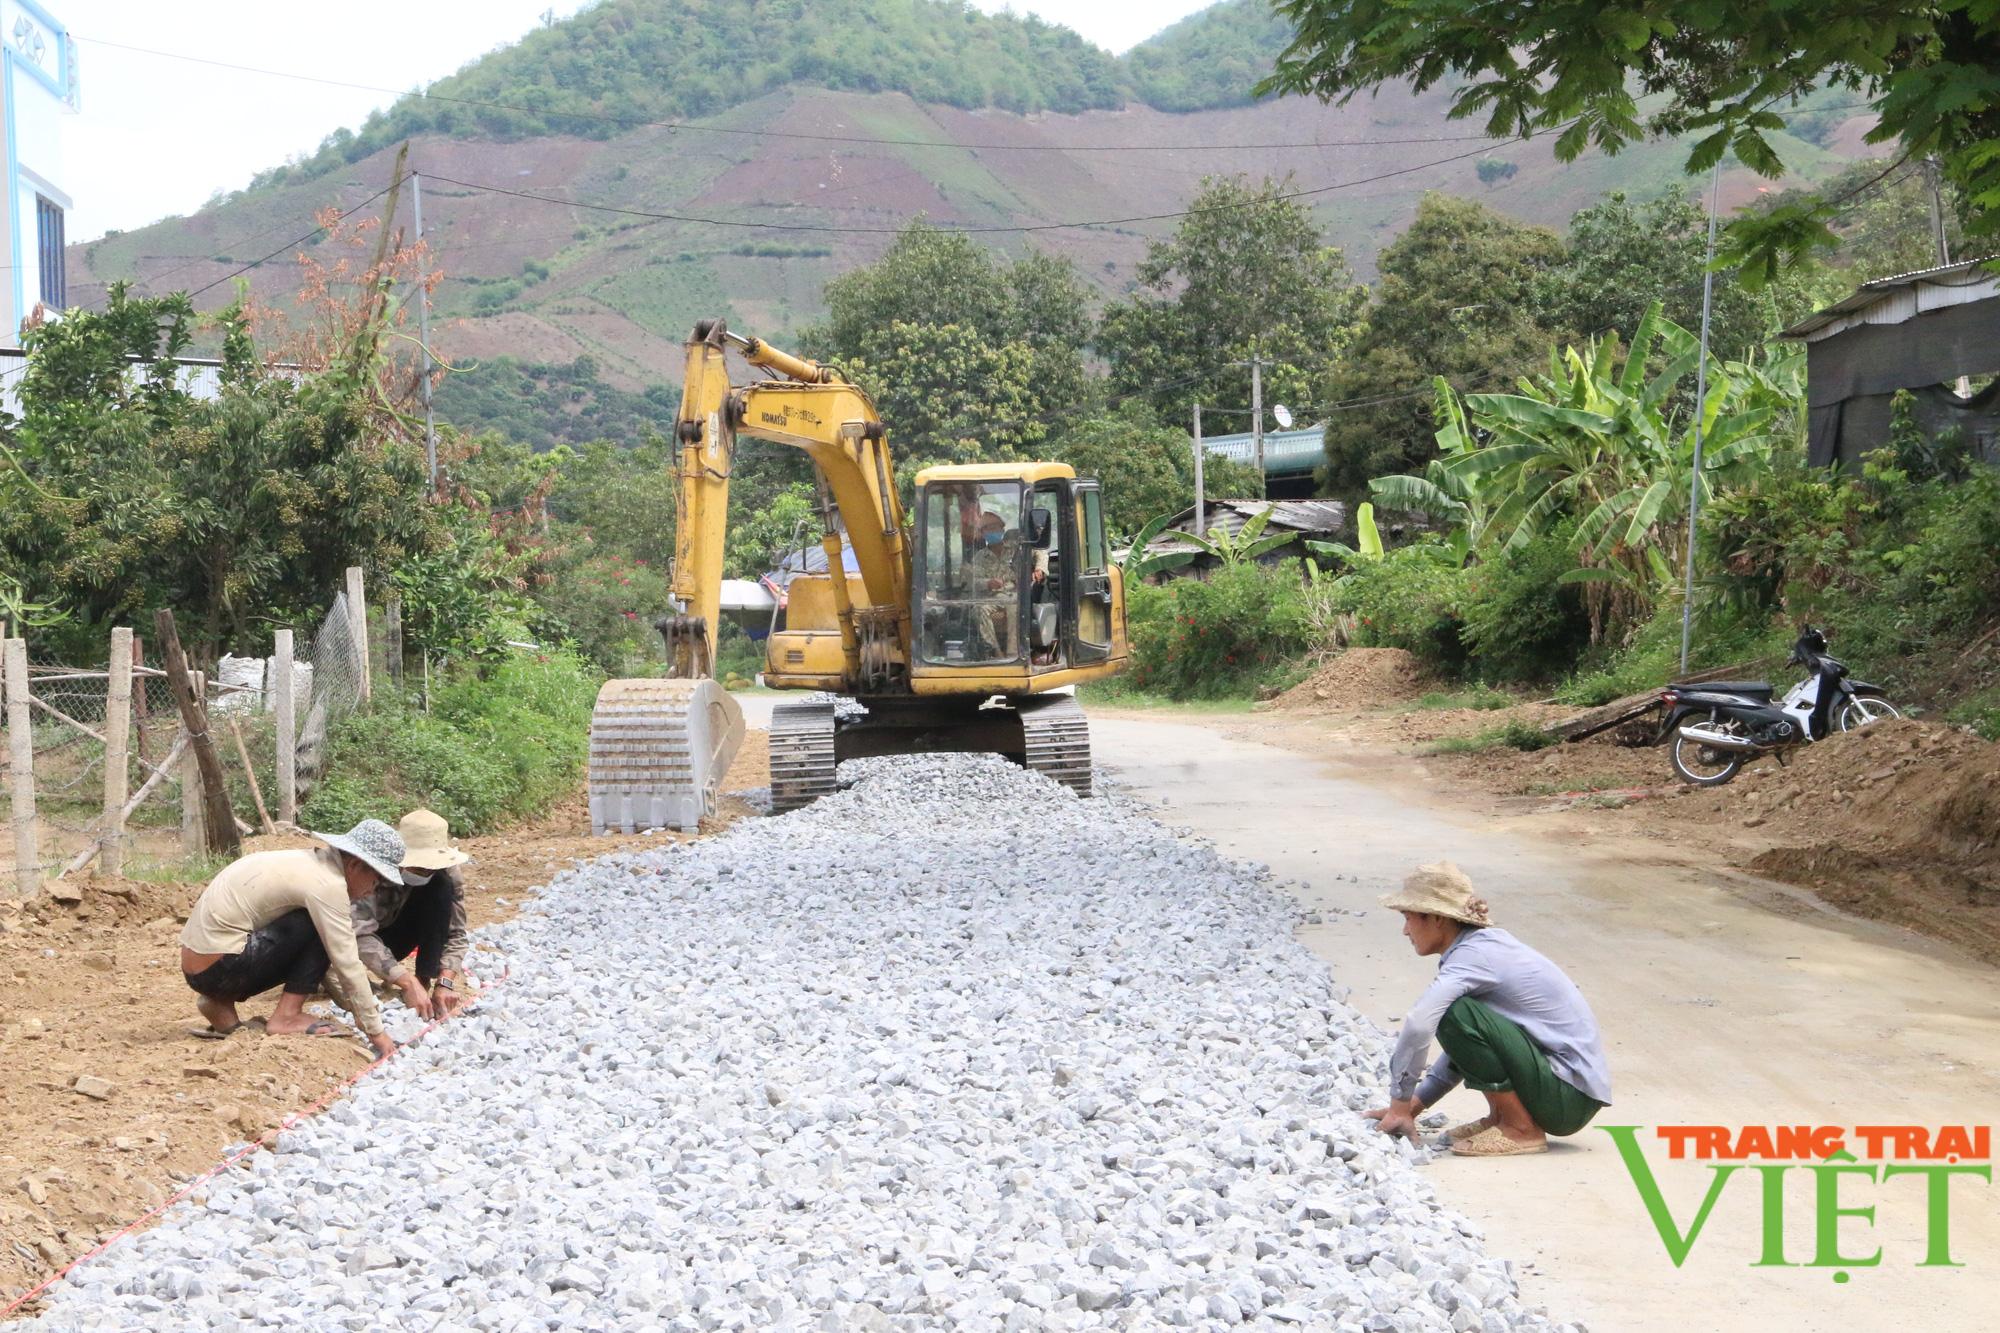 Sơn La: Nhìn lại chặng đường sau 10 năm xây dựng nông thôn mới - Ảnh 4.